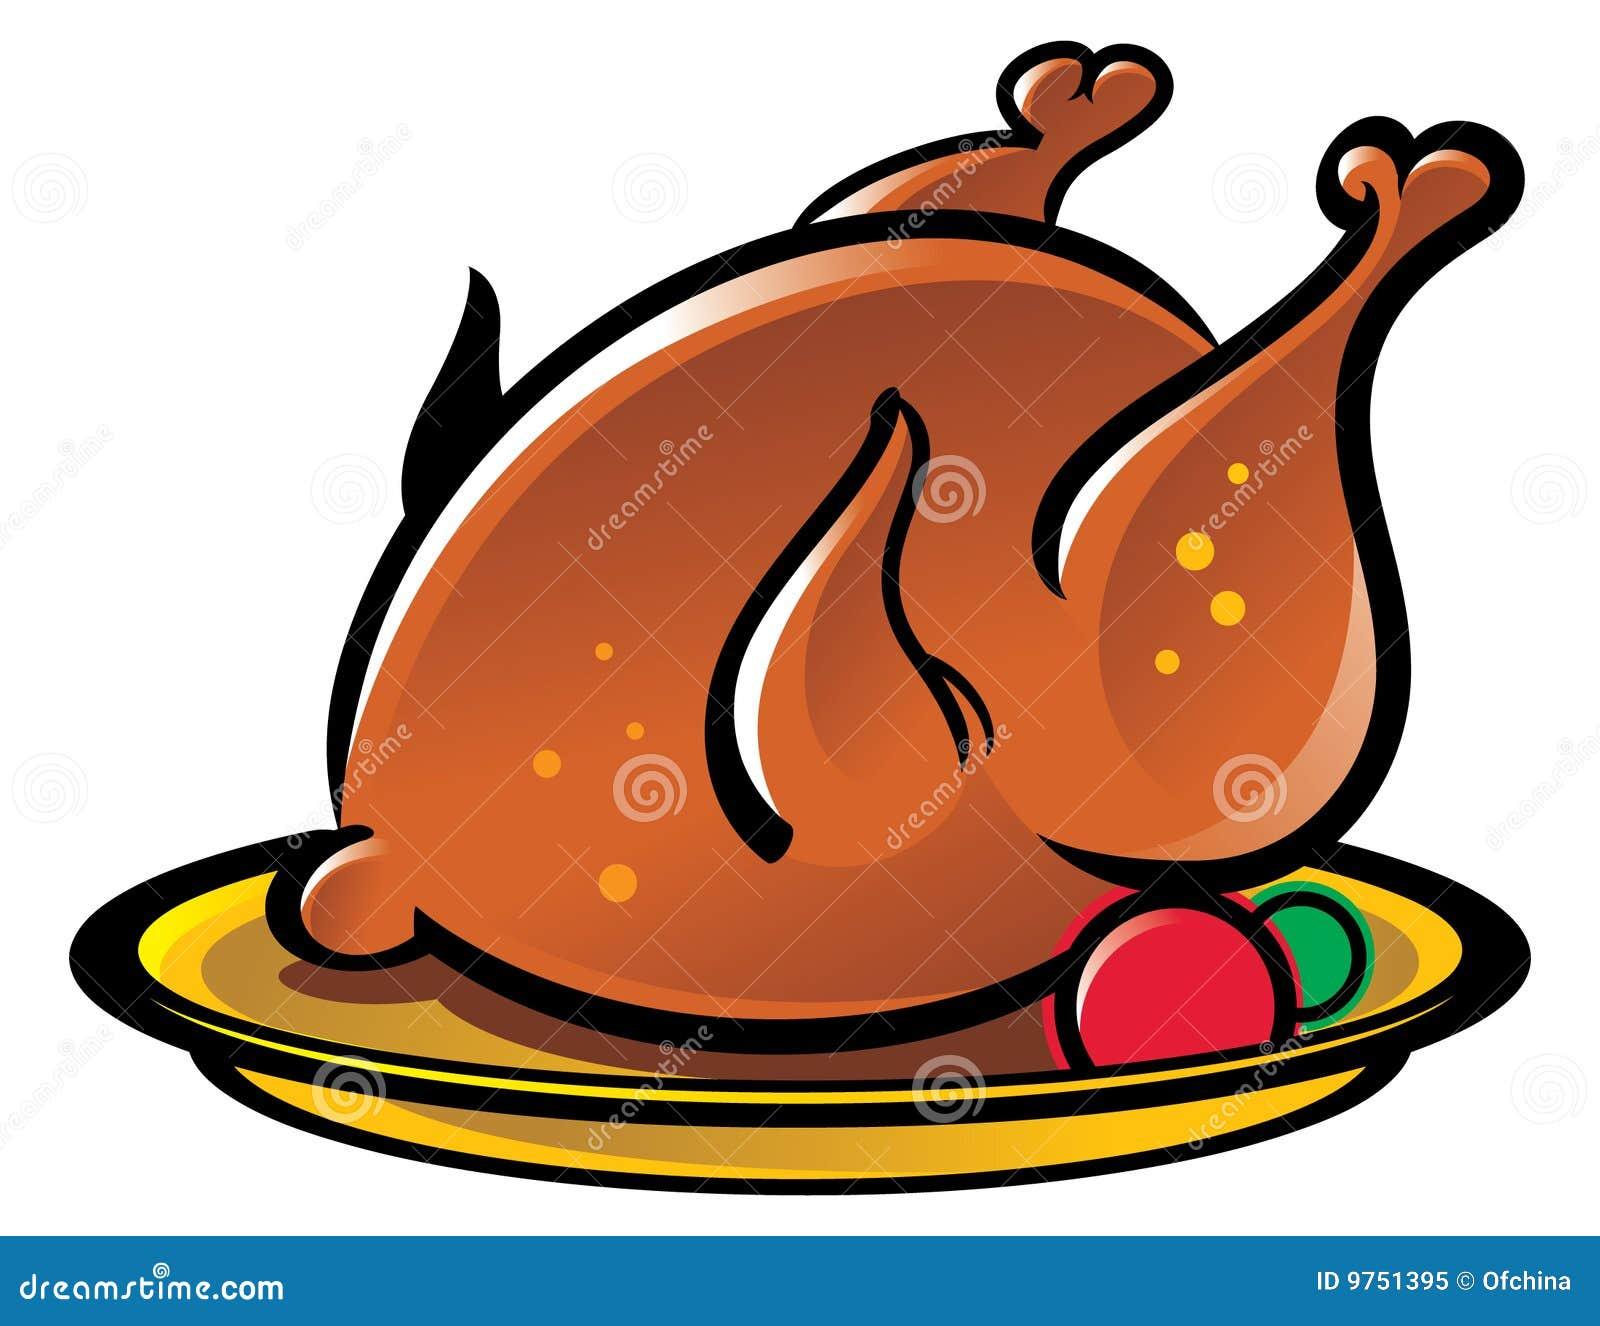 Gambar  Ayam  Clipart Gambar  V